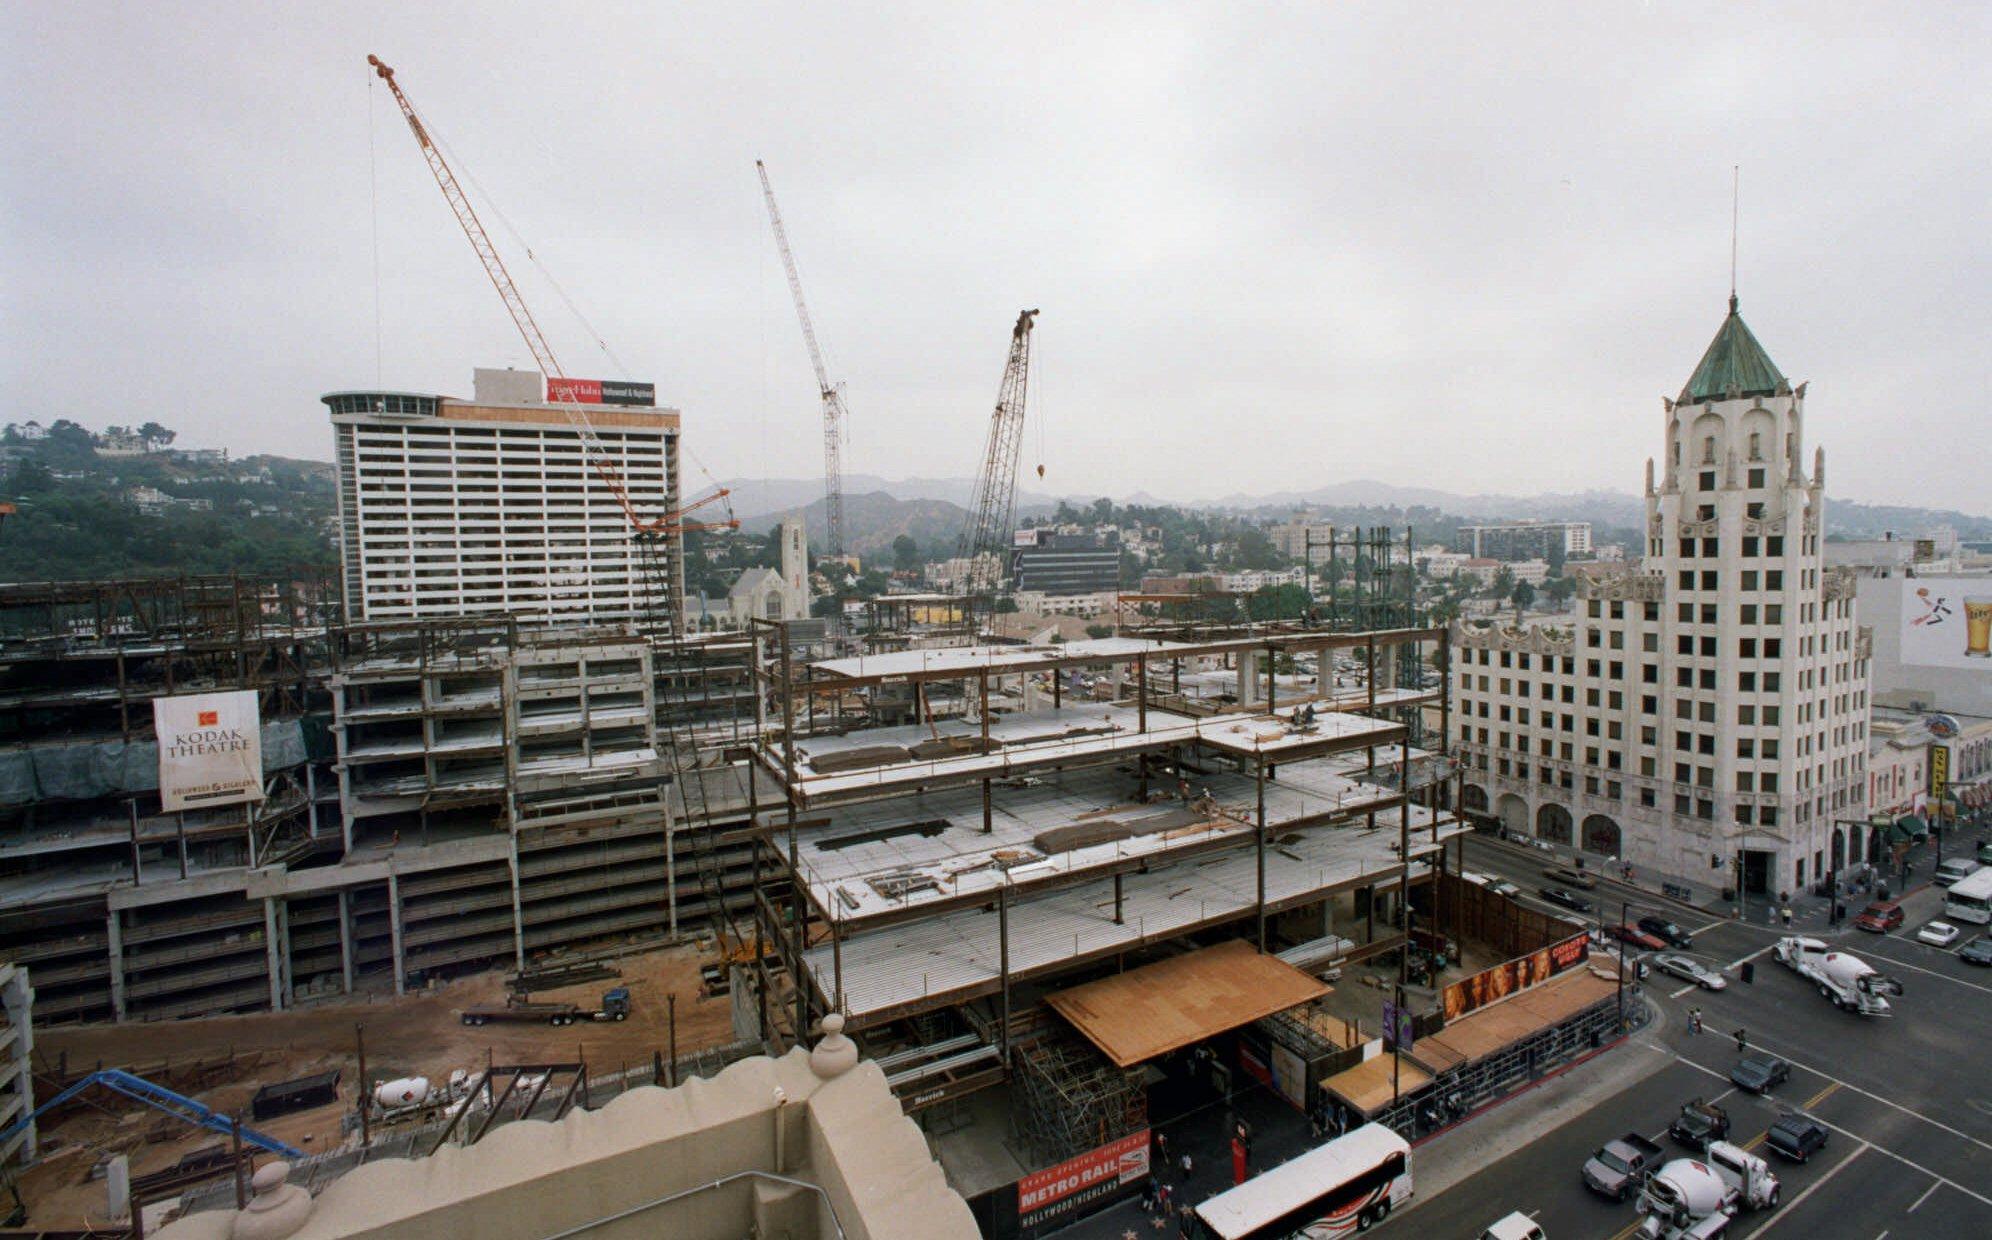 2000年7月12日,柯達劇院(Kodak Theatre)仍在興建中。(美聯社)